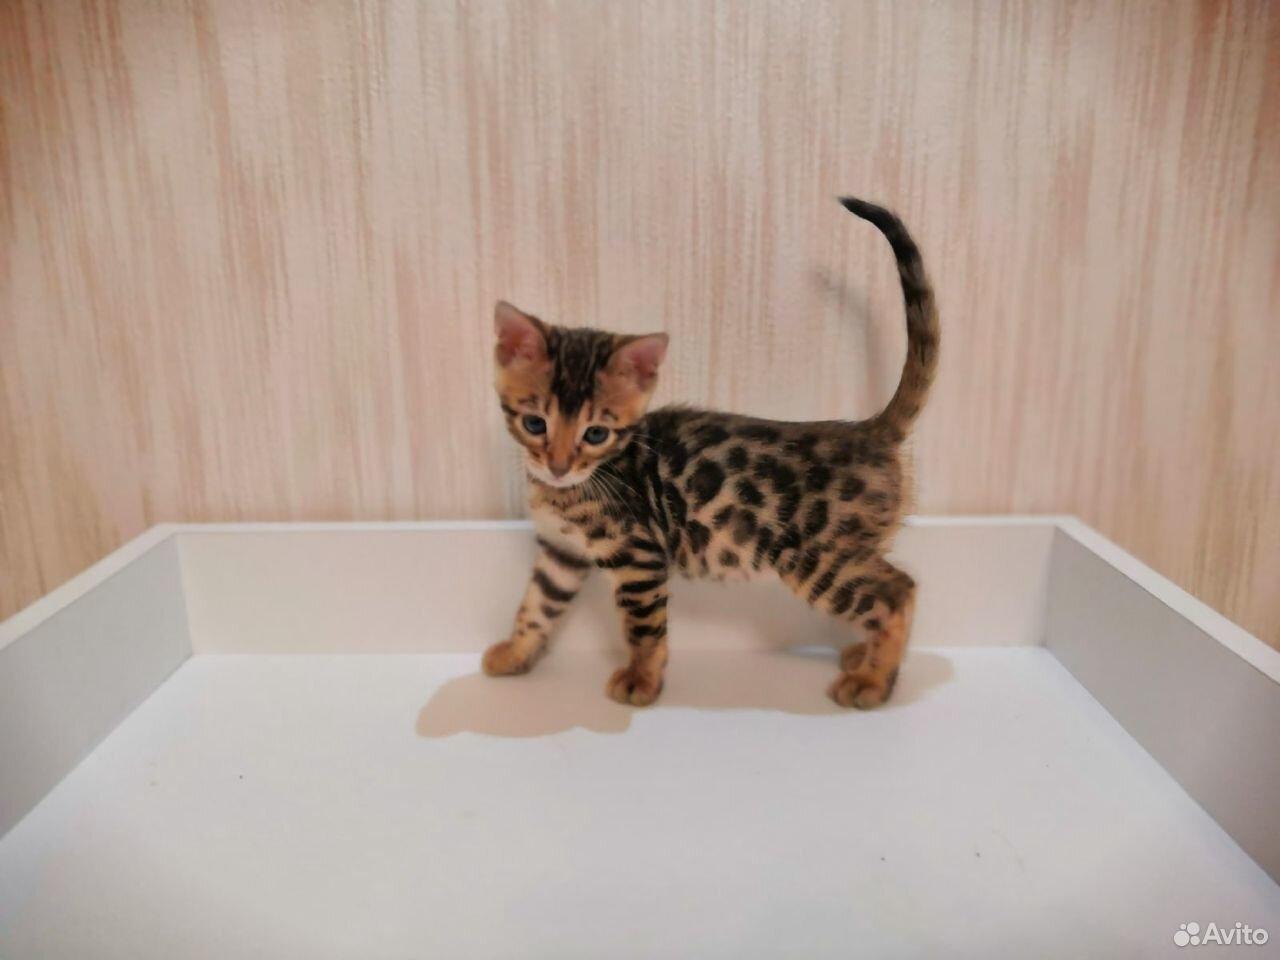 Бенгальские котята  89610262725 купить 1